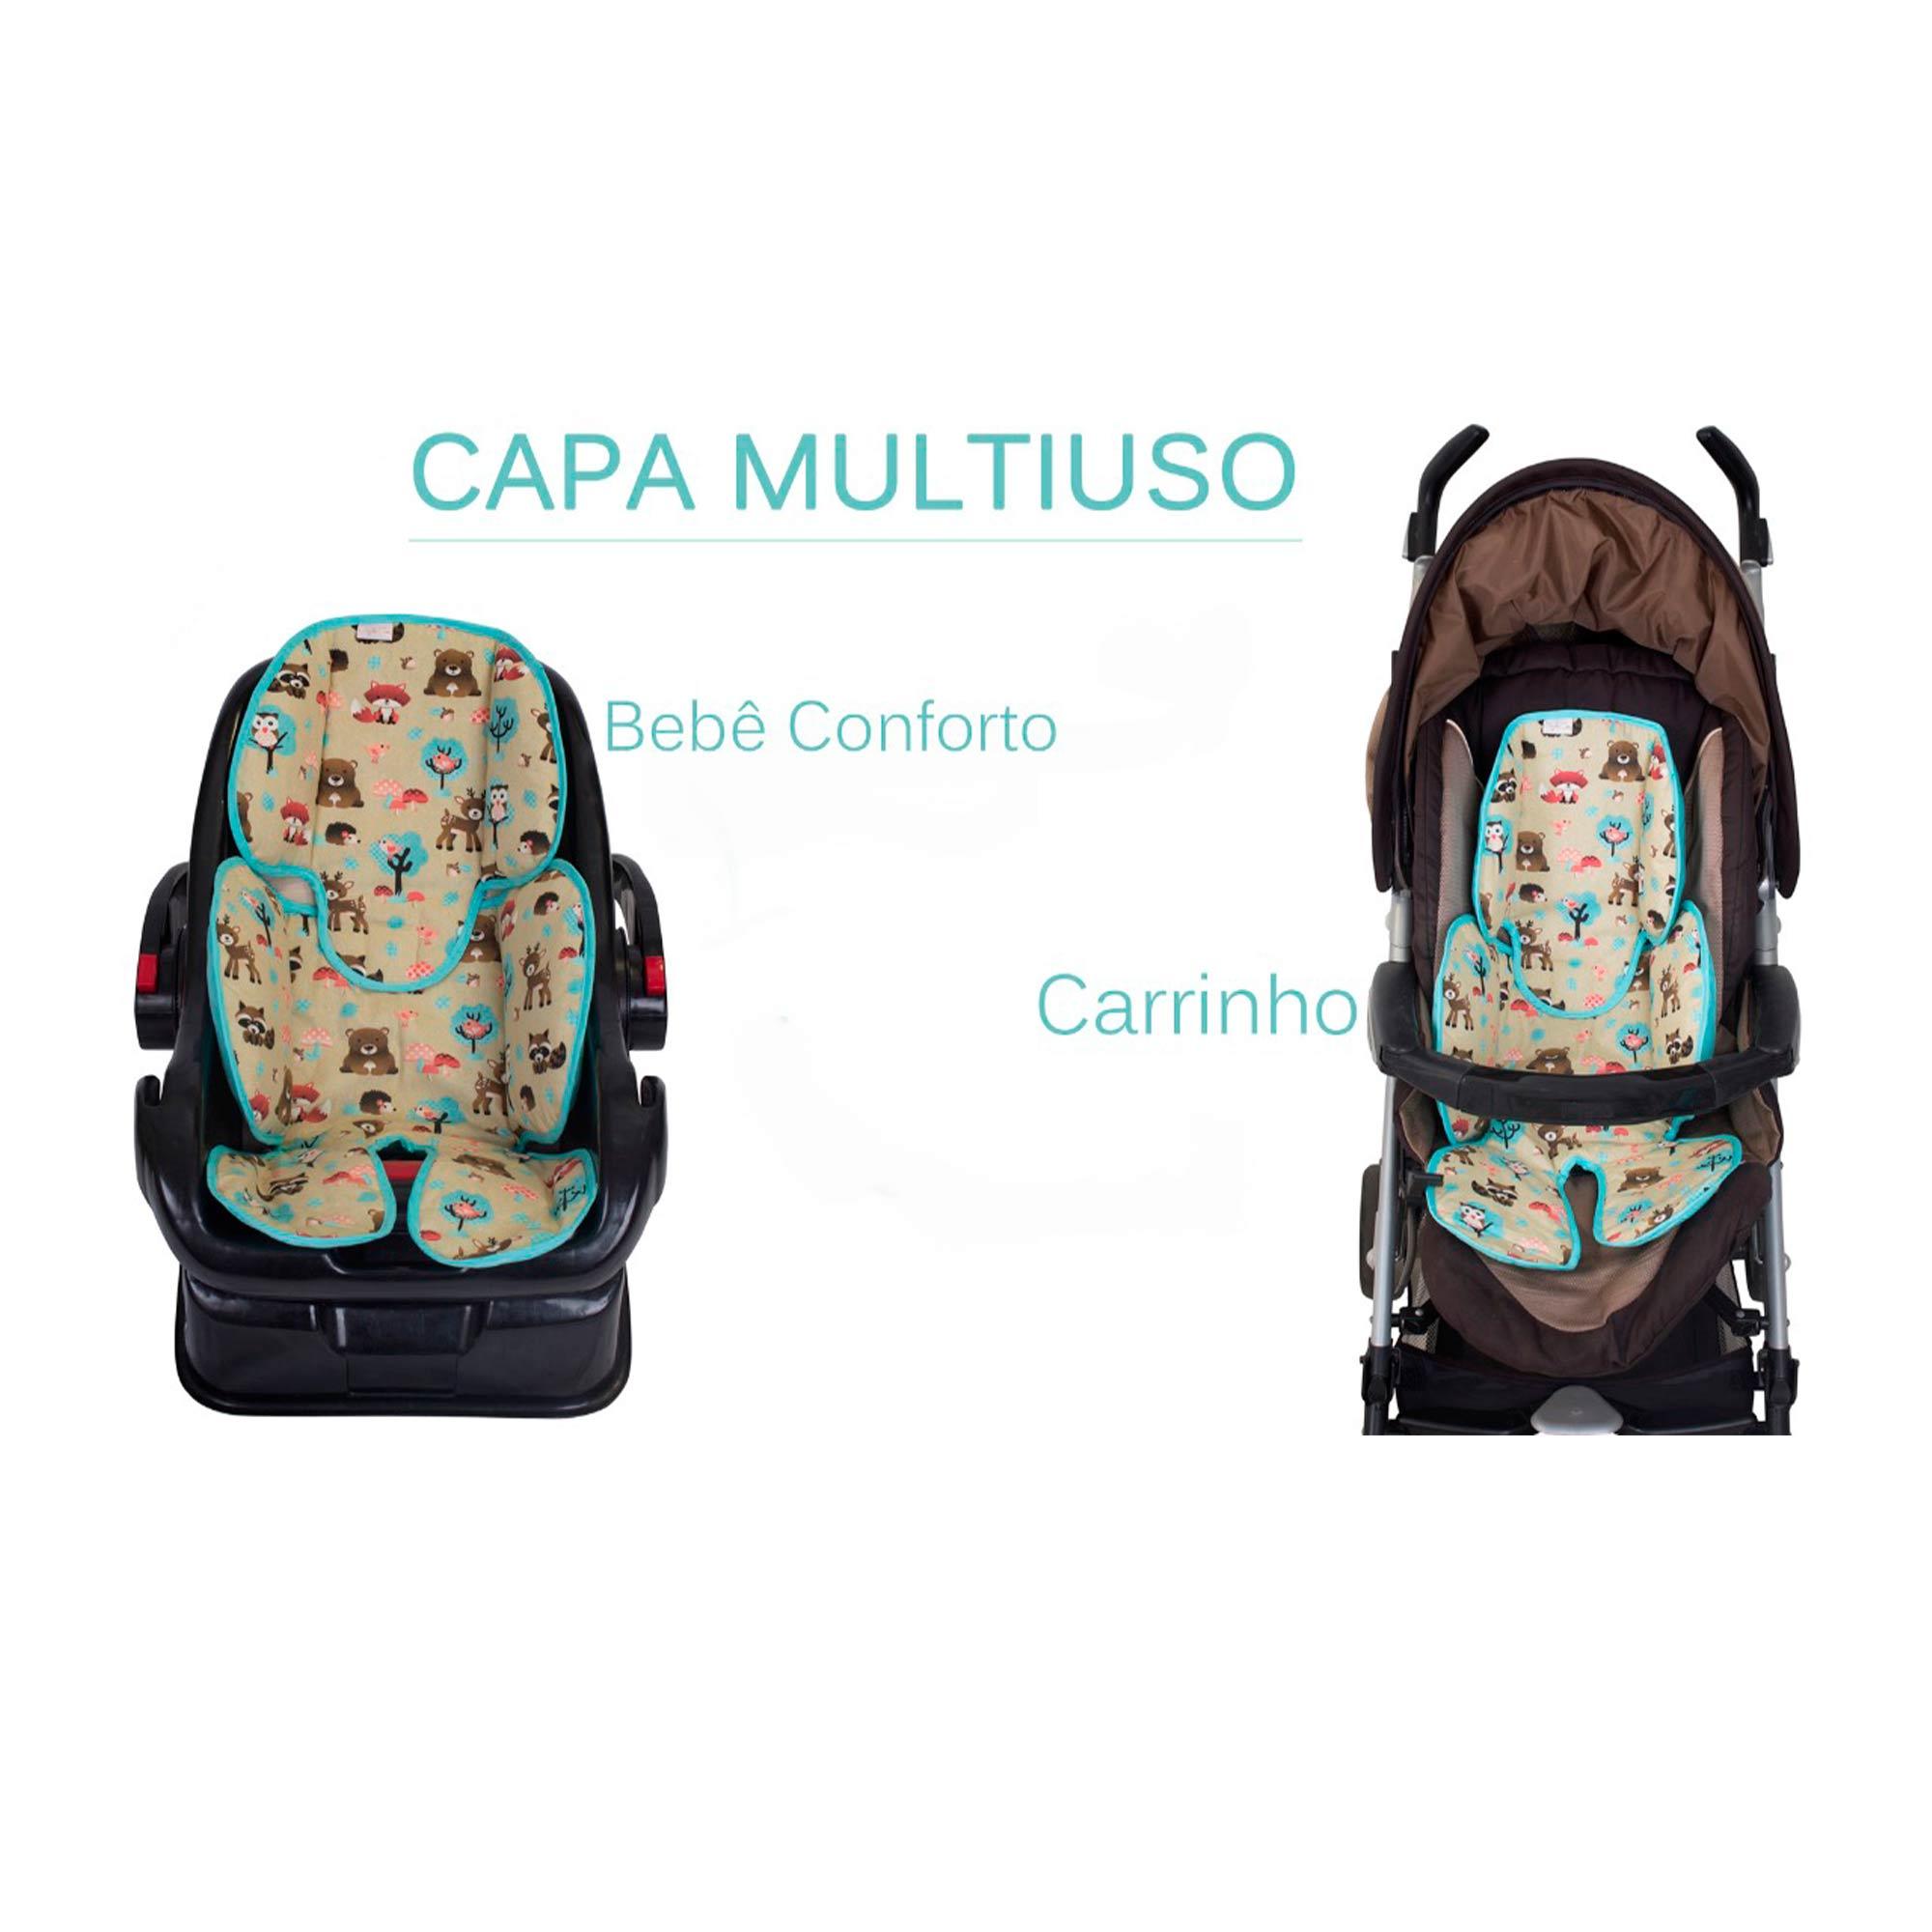 Redutor de Bebê Conforto e Carrinho Urso Dimensional Cinza  - Toca do Bebê